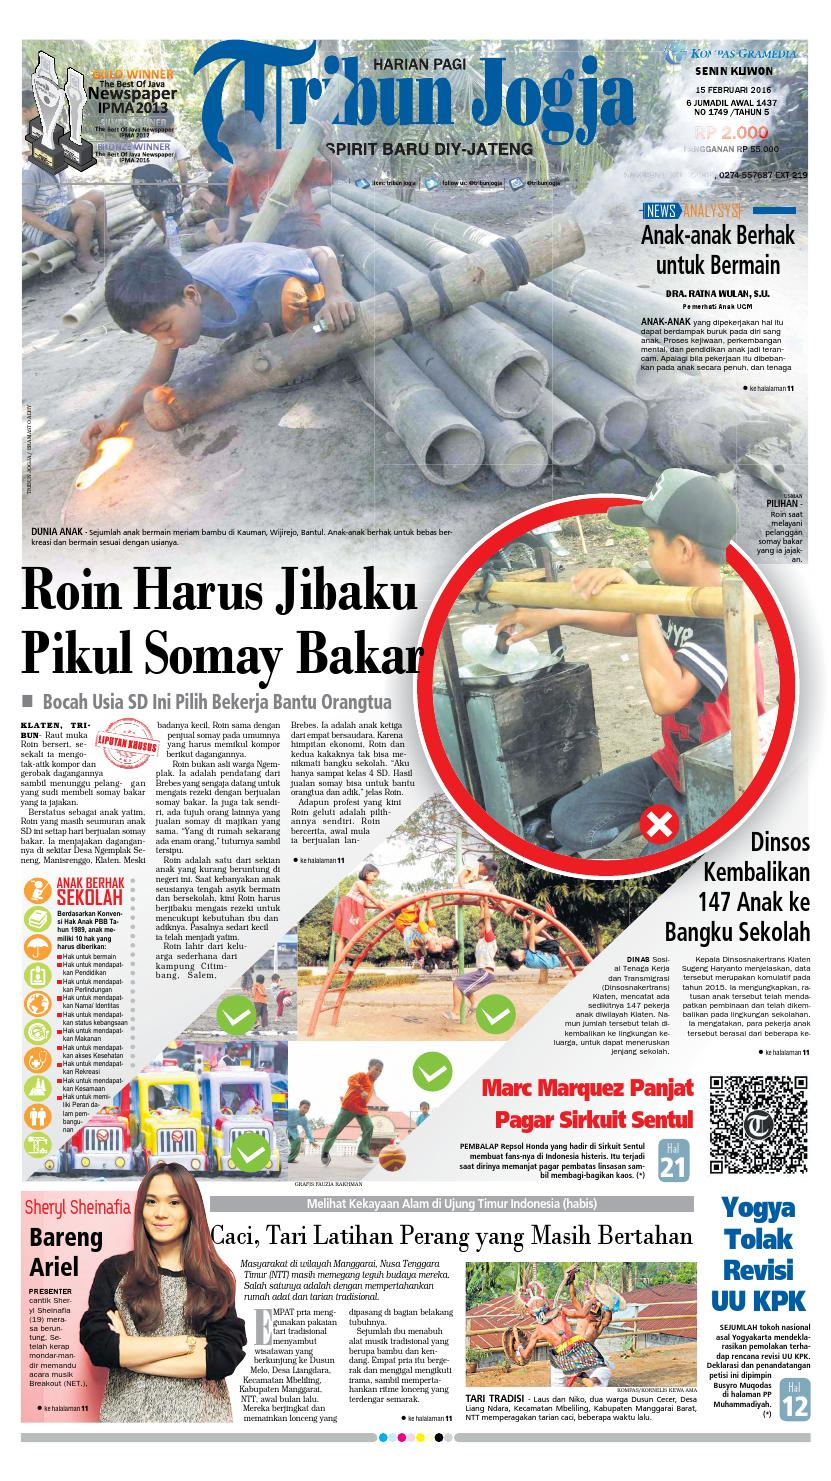 Tribunjogja 15 02 2016 By Tribun Jogja Issuu Produk Ukm Bumn Pusaka Coffee Pcs Kopi Herbal Nusantara Free Ongkir Depok Ampamp Jakarta